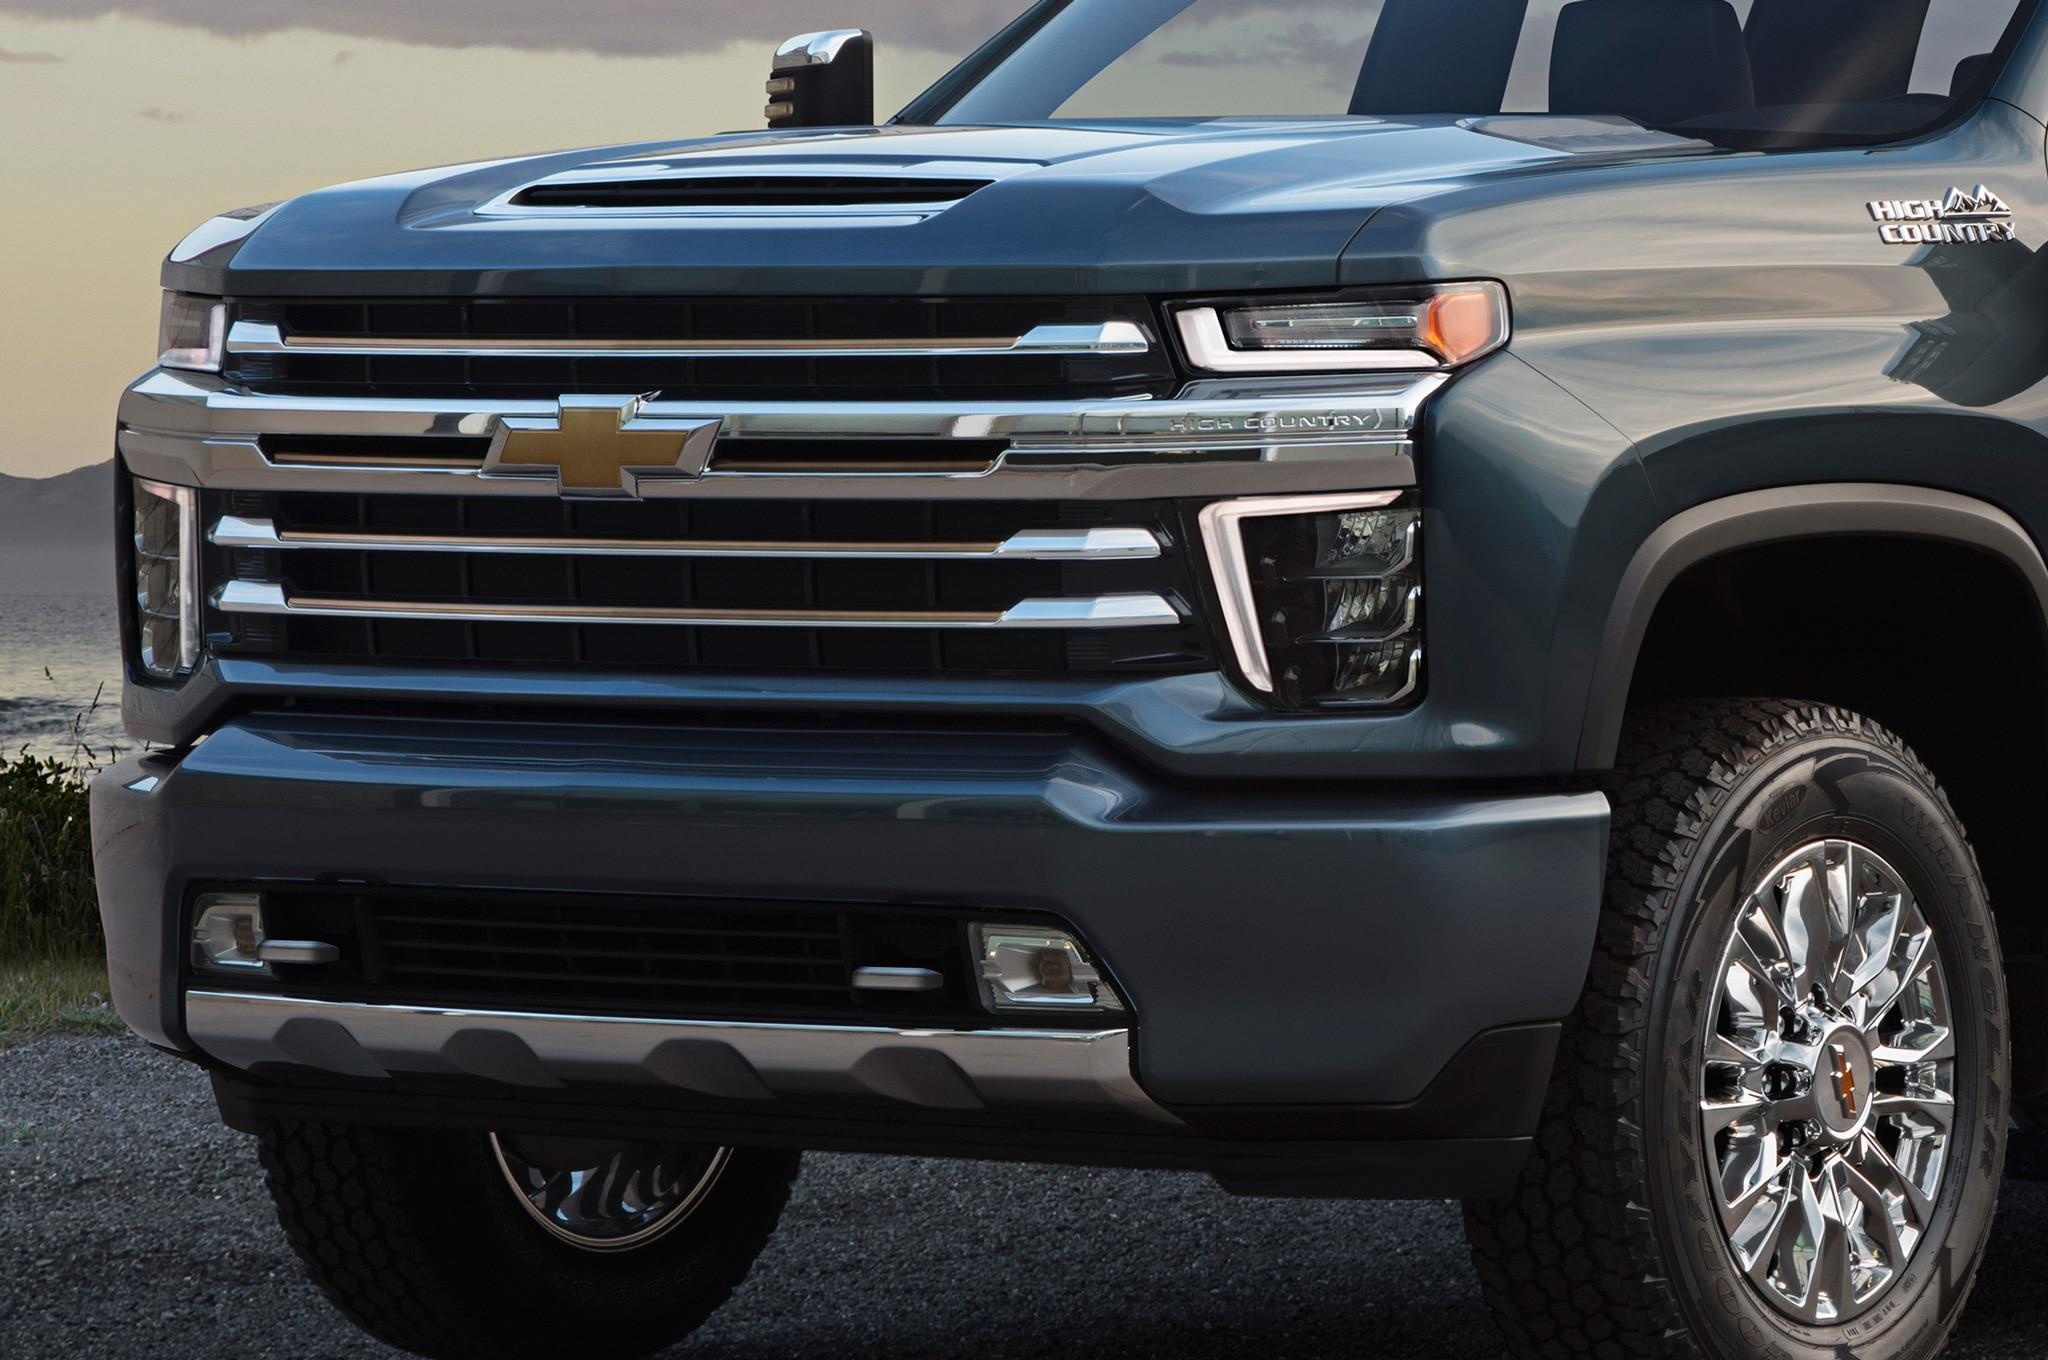 2018 Chevrolet Silverado 2500hd High Country For Sale In San Antonio